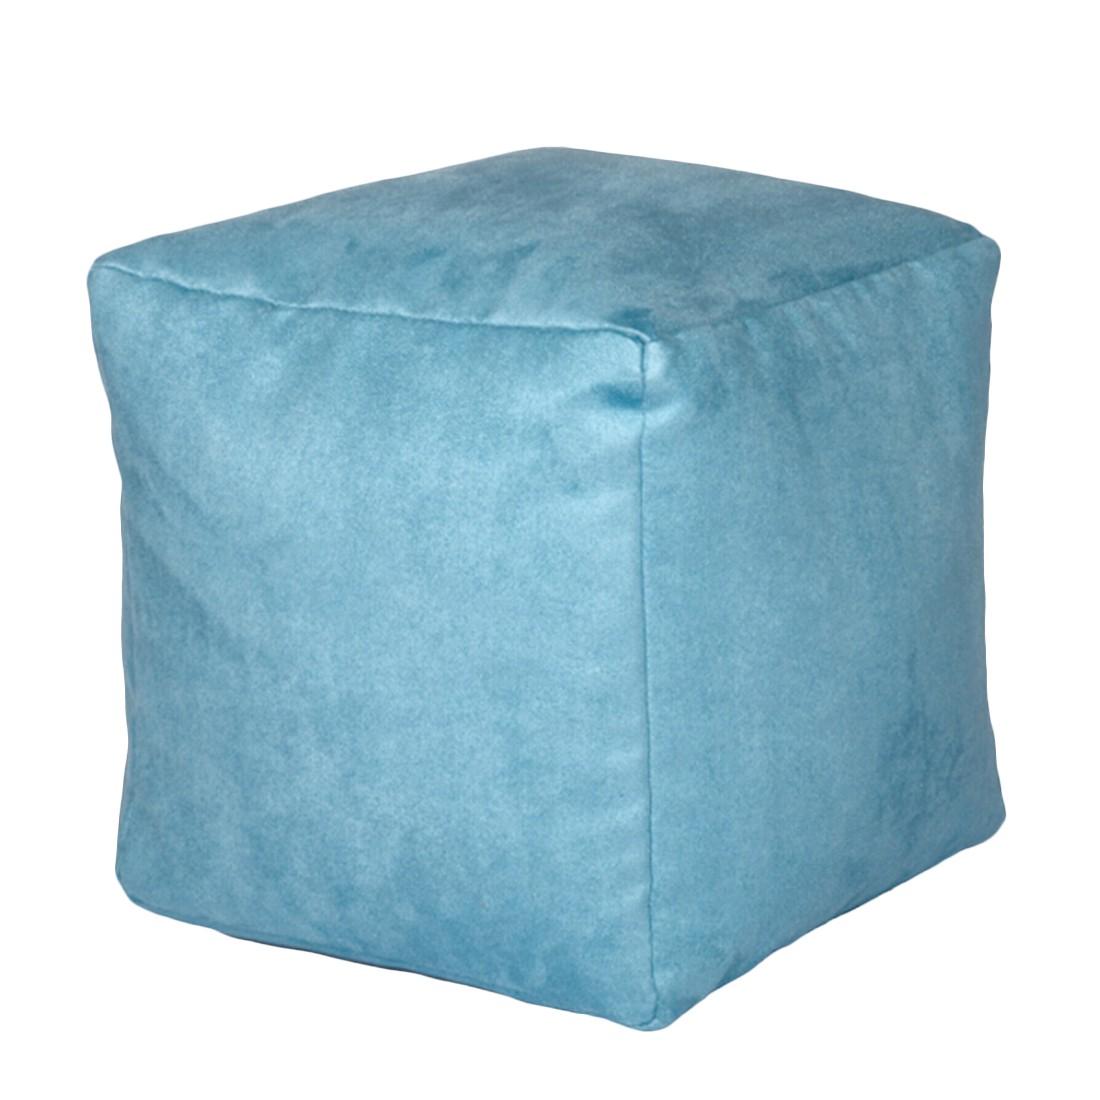 Sitzwürfel Alka türkis klein – 30 x 30 cm, KC-Handel günstig kaufen